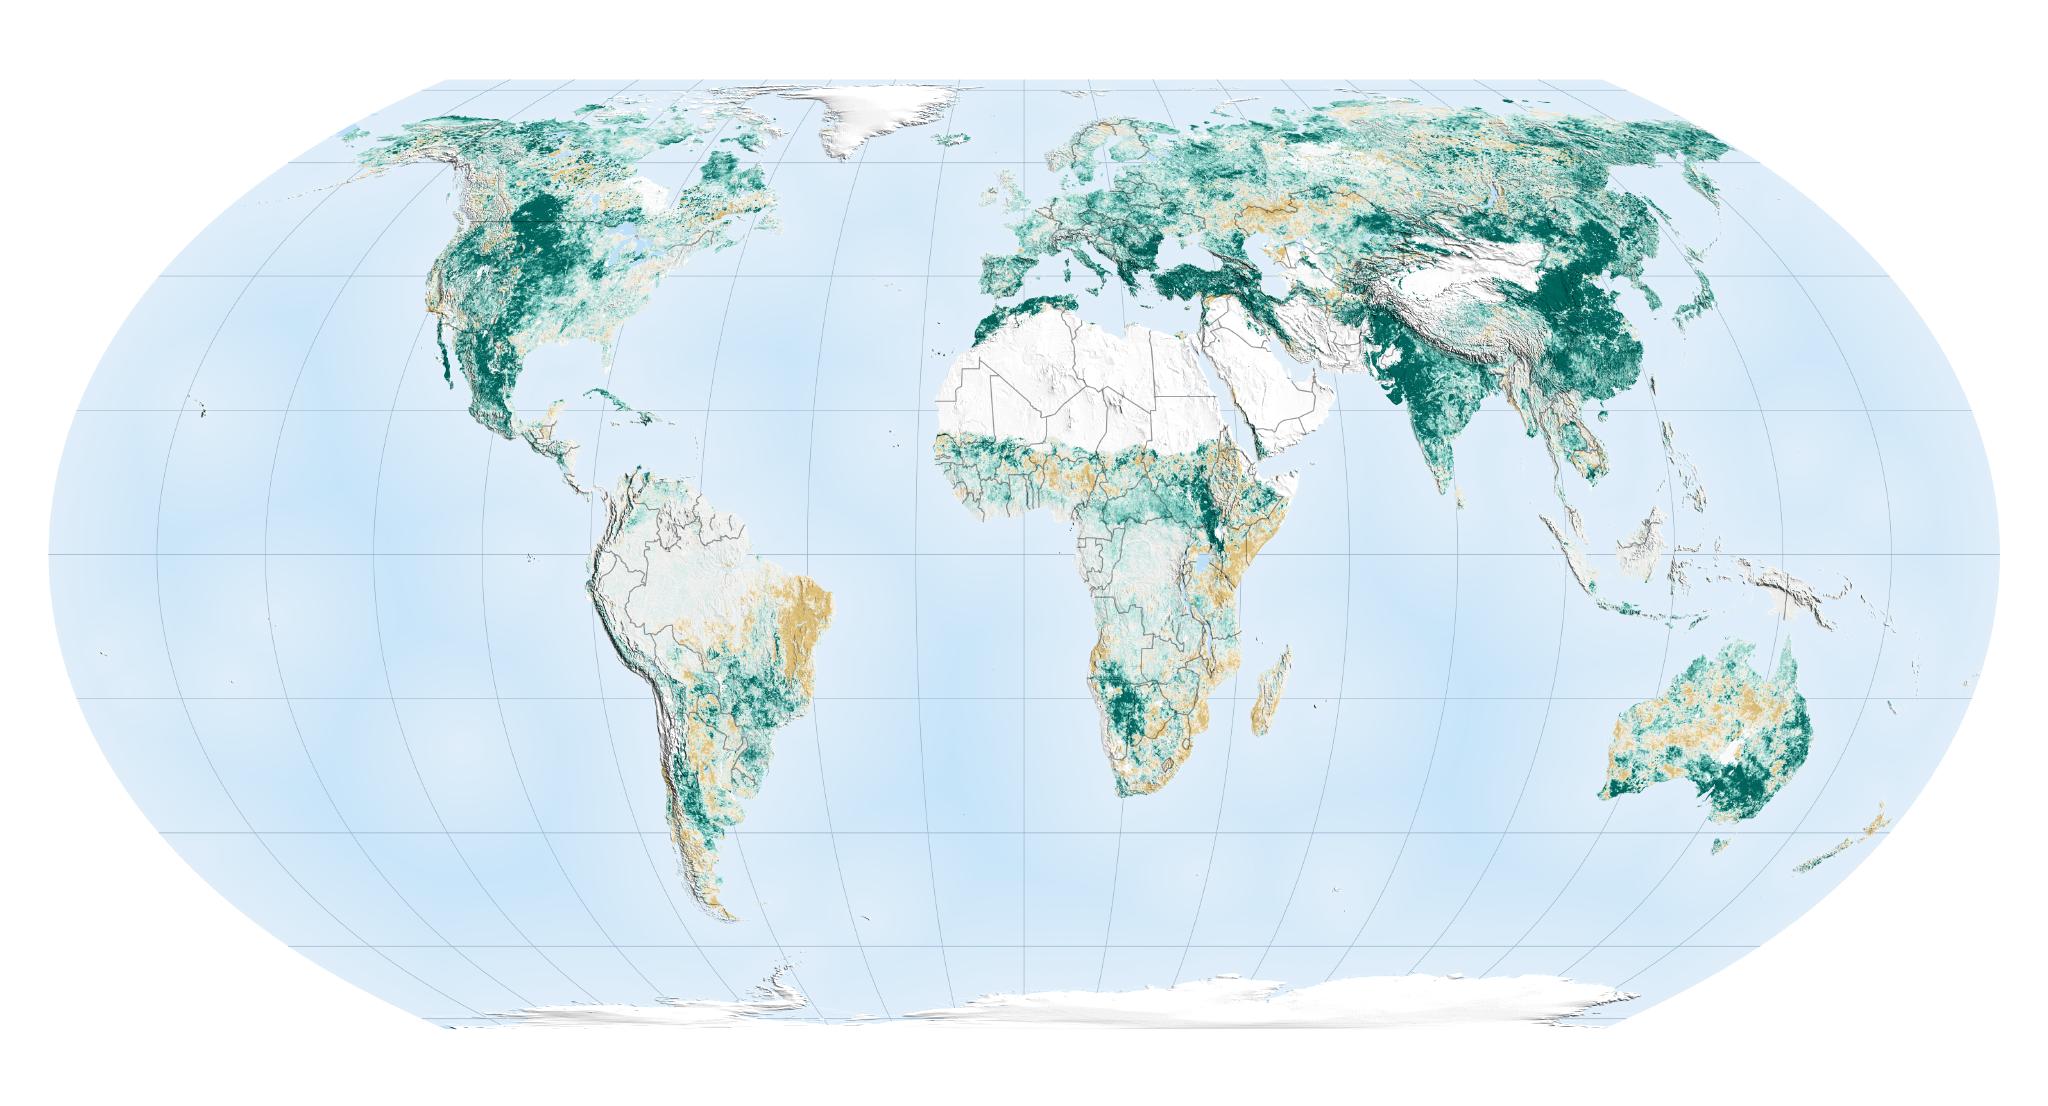 NASA verdissement carte échelle mondiale